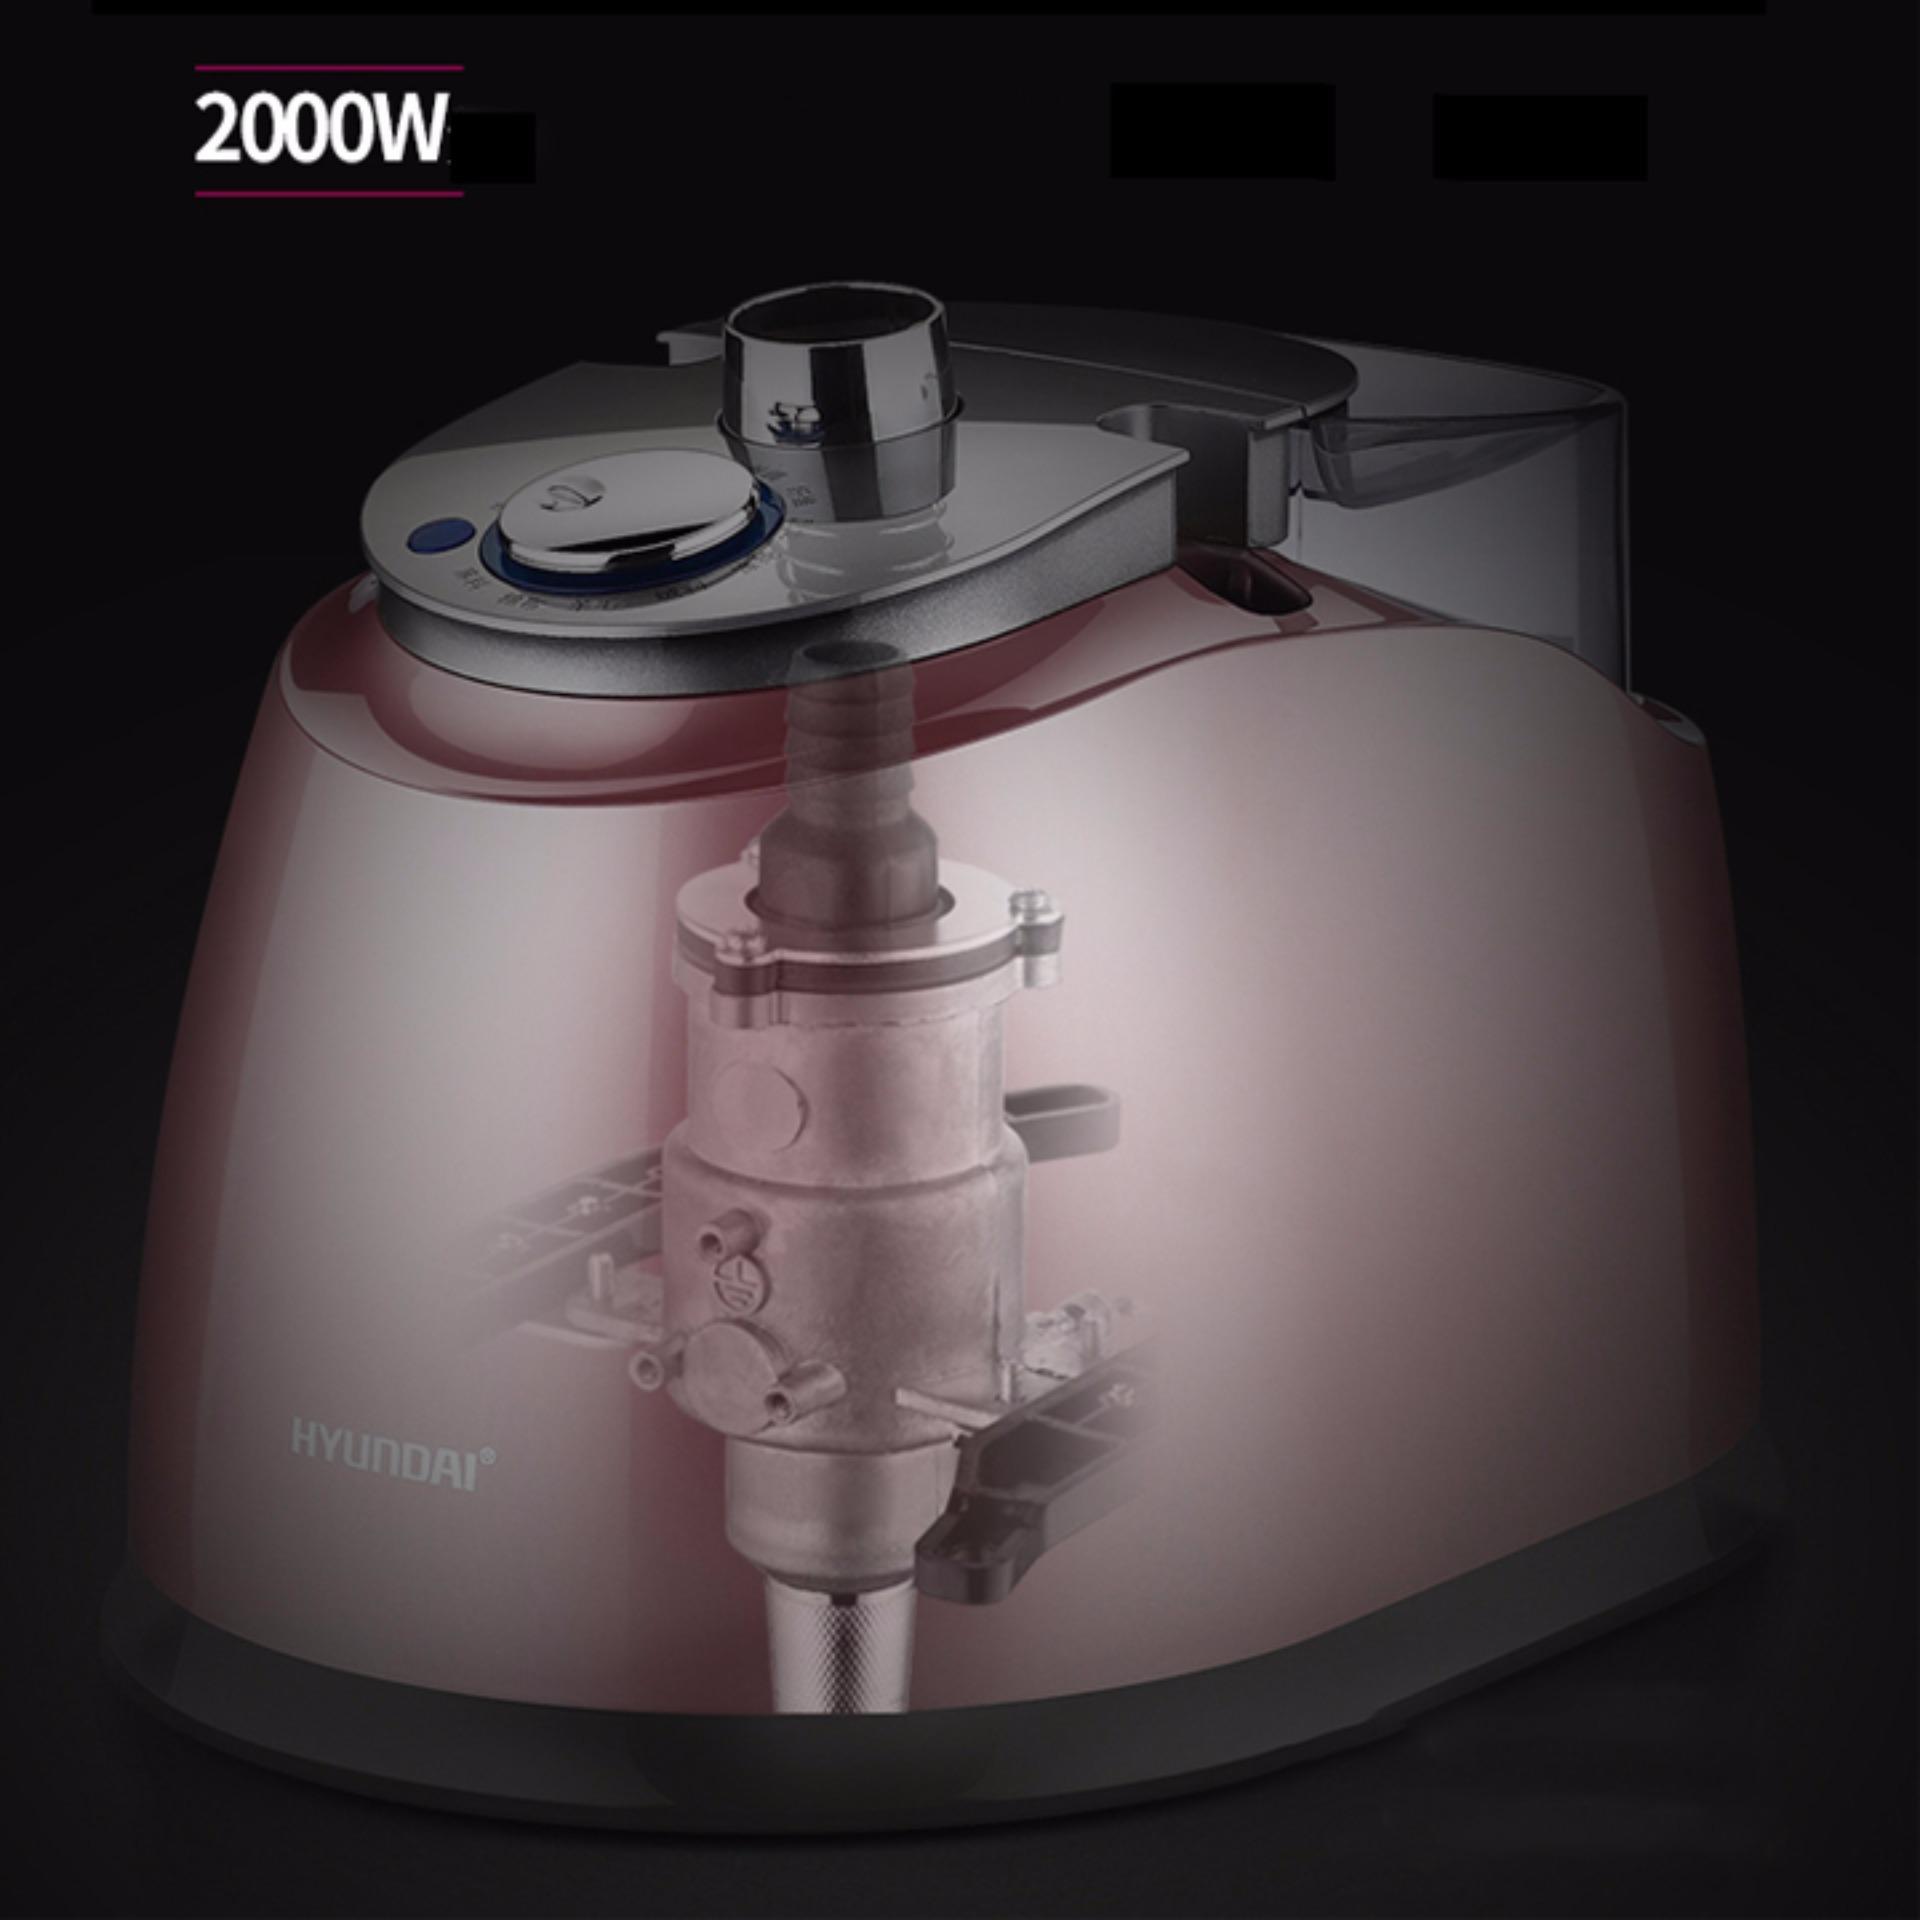 Bàn là hơi nước đứng Hyundai 2000W - Tặng Gang Tay Bảo Vệ